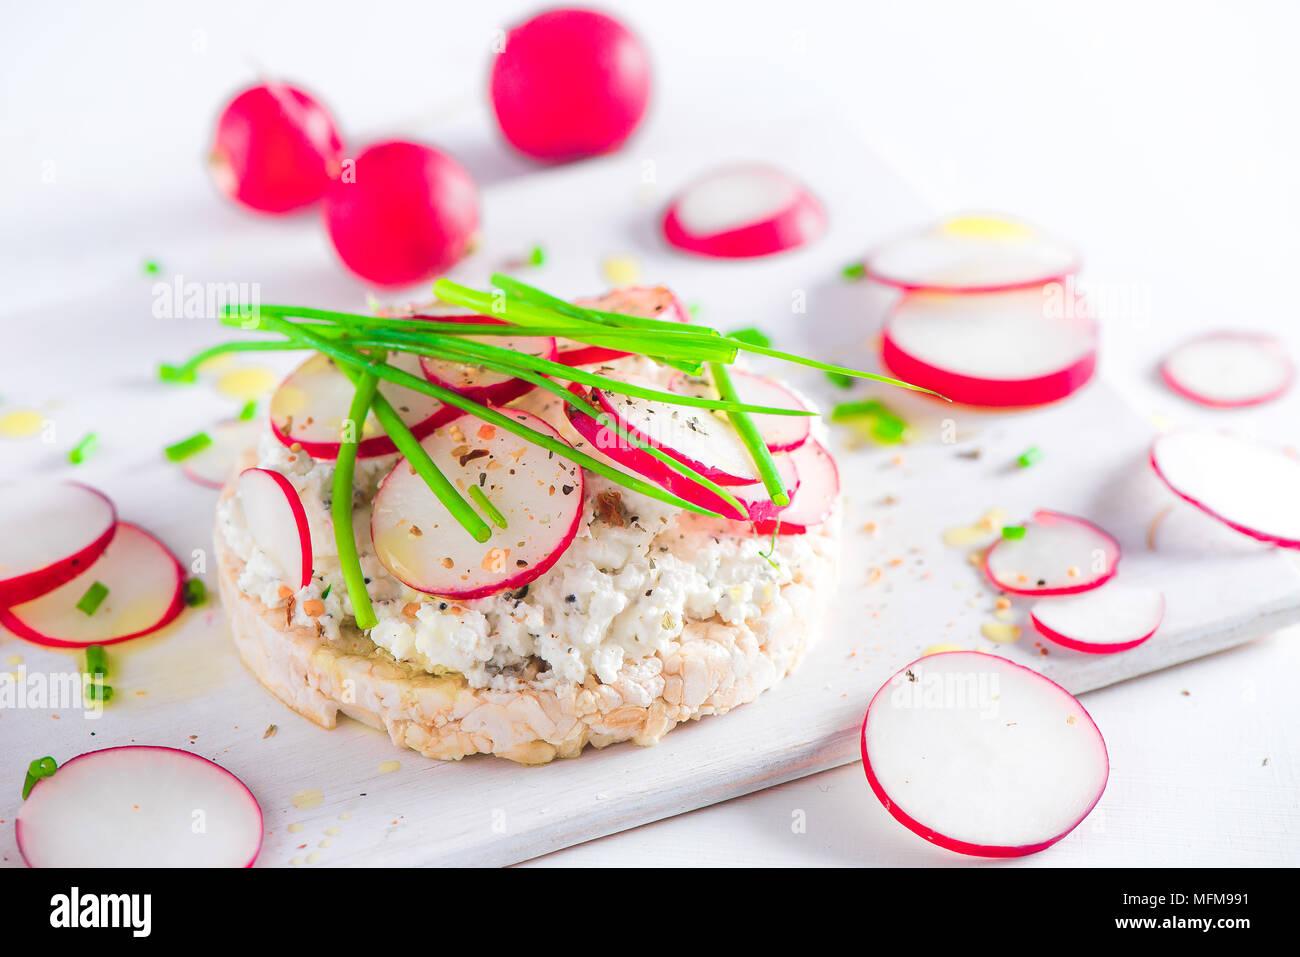 Sencillo concepto de desayuno con pan crujiente, rodajas de rábano, el cebollino, la pimienta y el queso cottage. Refrigerio saludable en high key con espacio de copia. Imagen De Stock